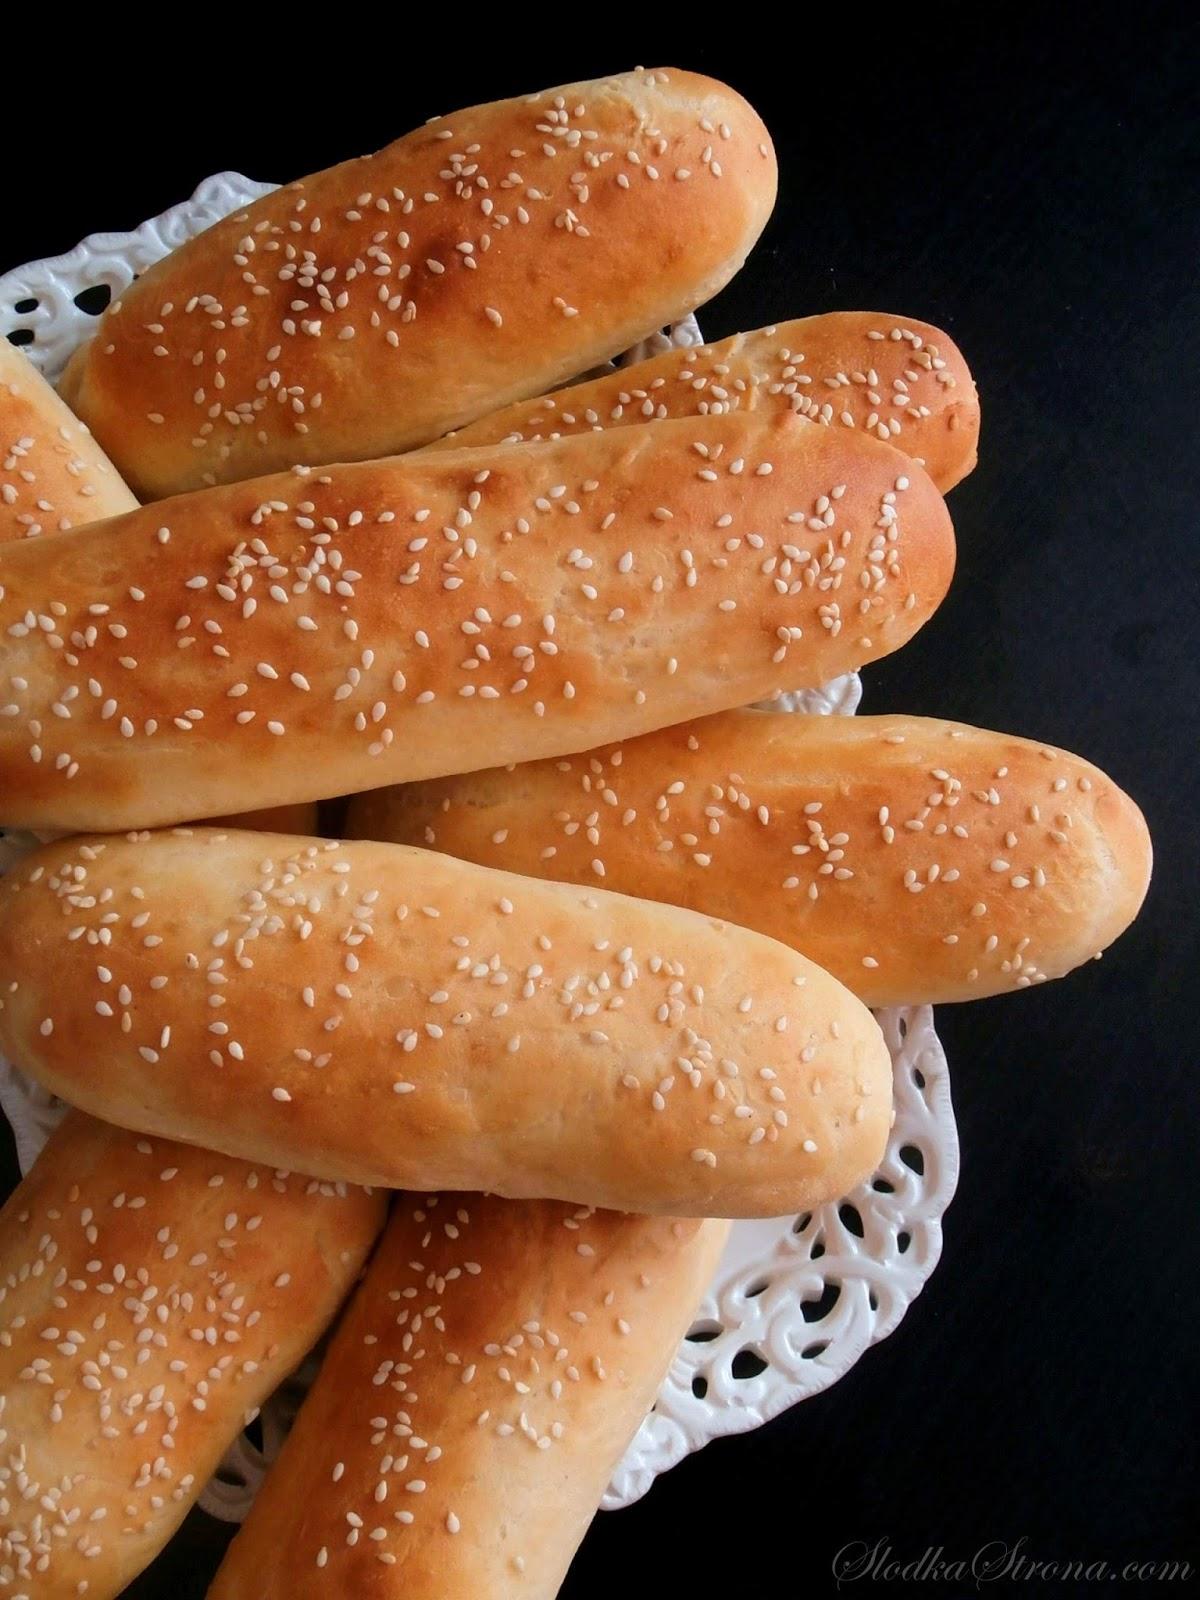 Domowe Bułki do Hot-Dogów - Przepis - Słodka Strona